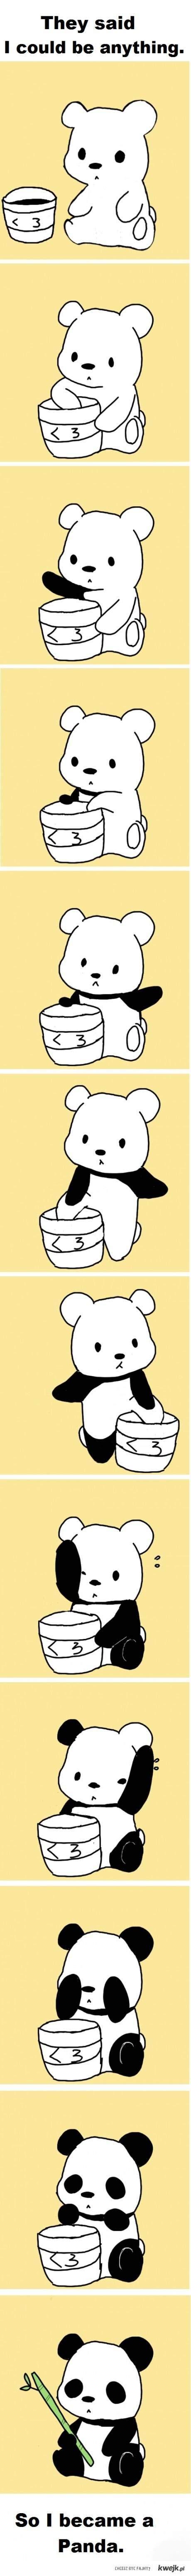 became a panda!